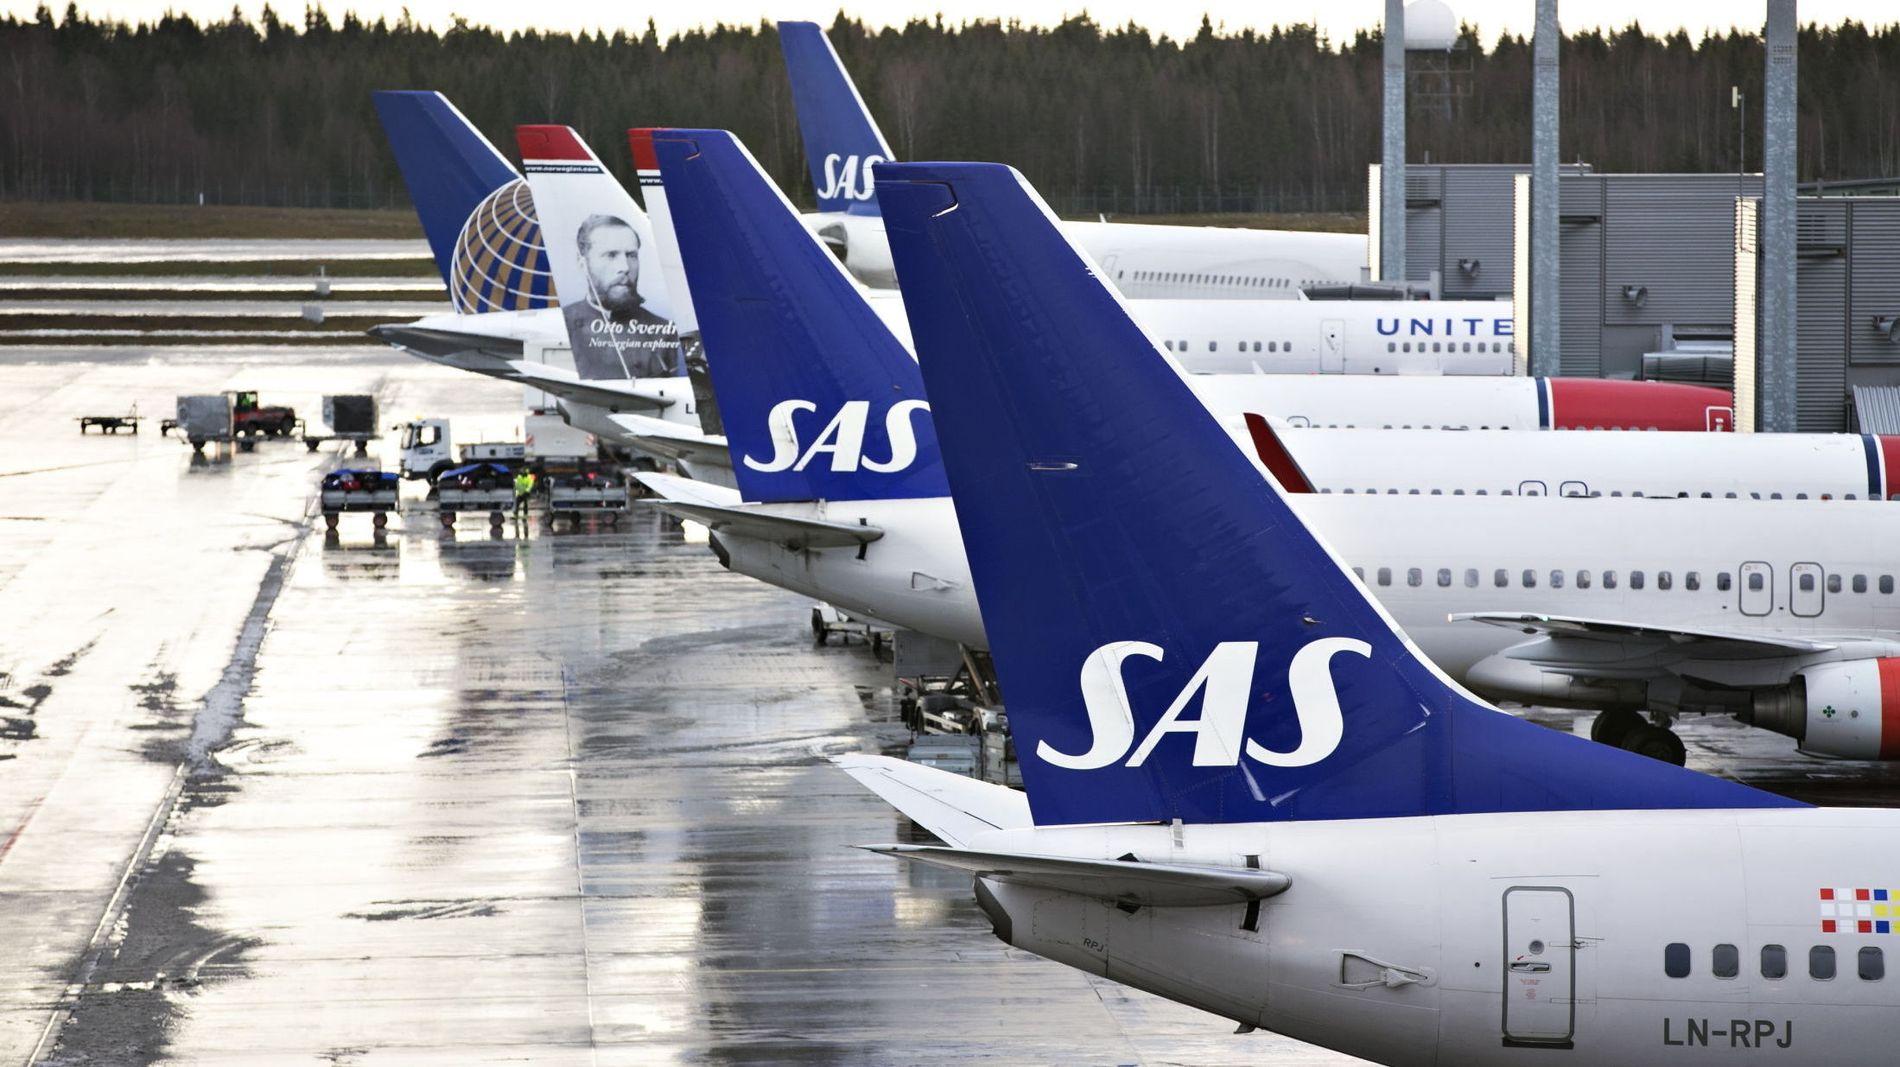 - TØFF KONKURRANSE: SAS melder at konkurransen og presset i markedet fortsatt er tøft. Dermed gikk det fra overskudd i fjor til underskudd i år. Bildet er fra Oslo Lufthavn.